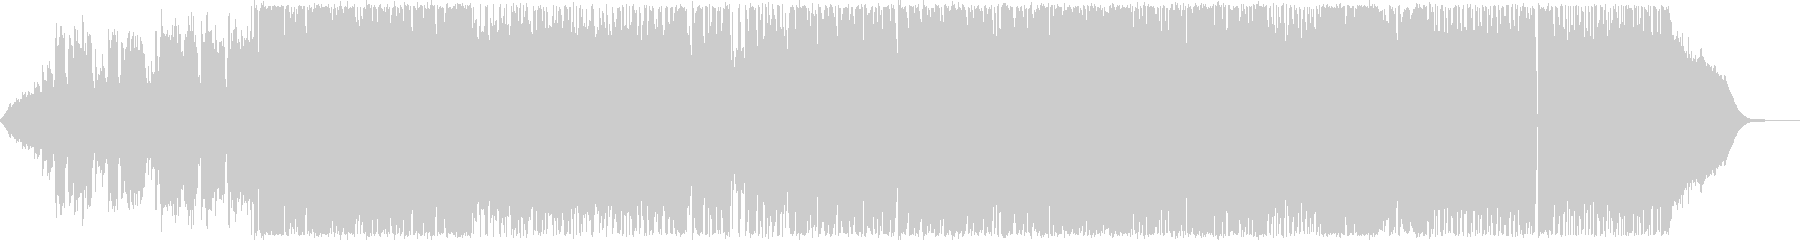 エレキとアコギによるギターロックバラードの未再生の波形